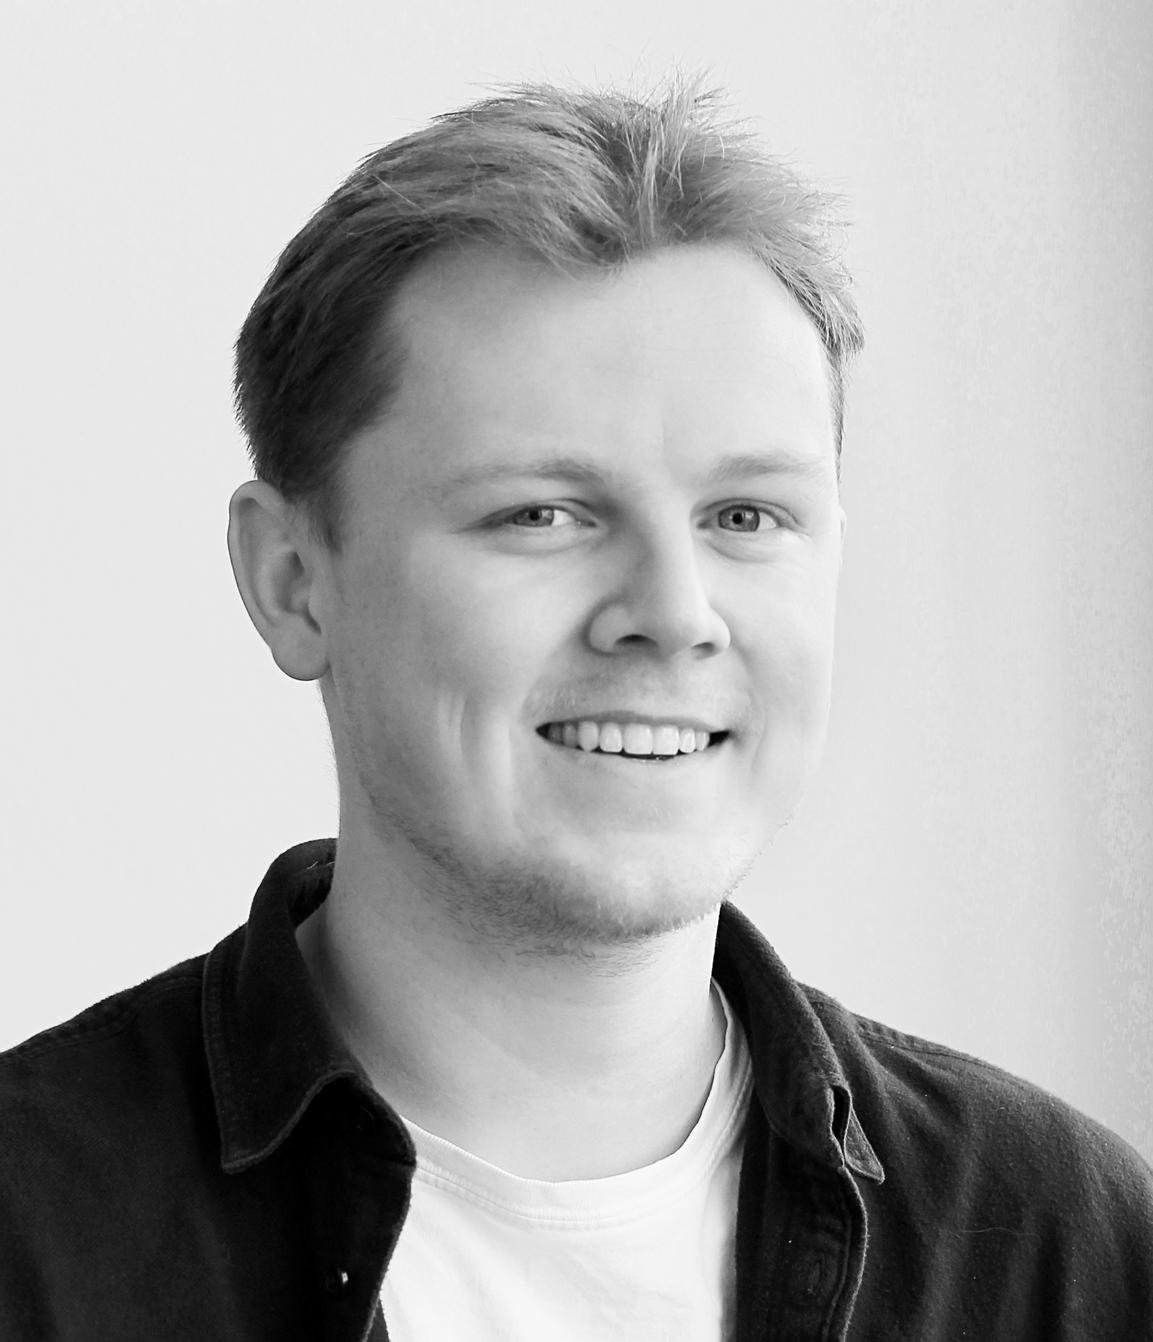 Mads Krogh Sørensen